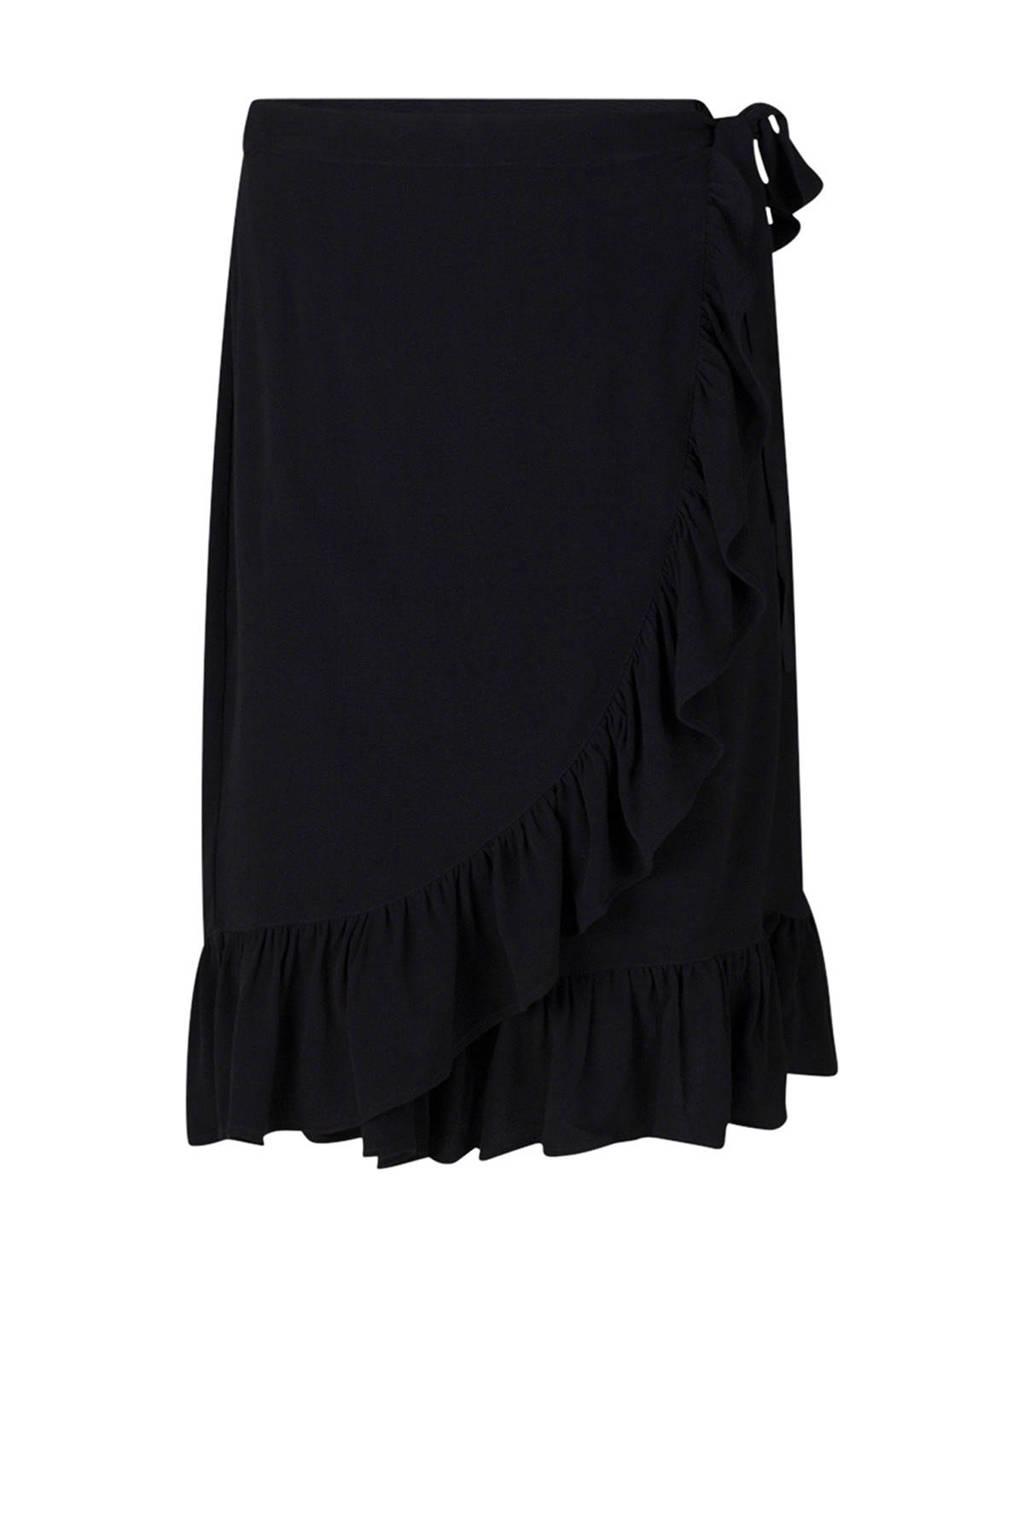 WE Fashion overslag rok zwart, Zwart